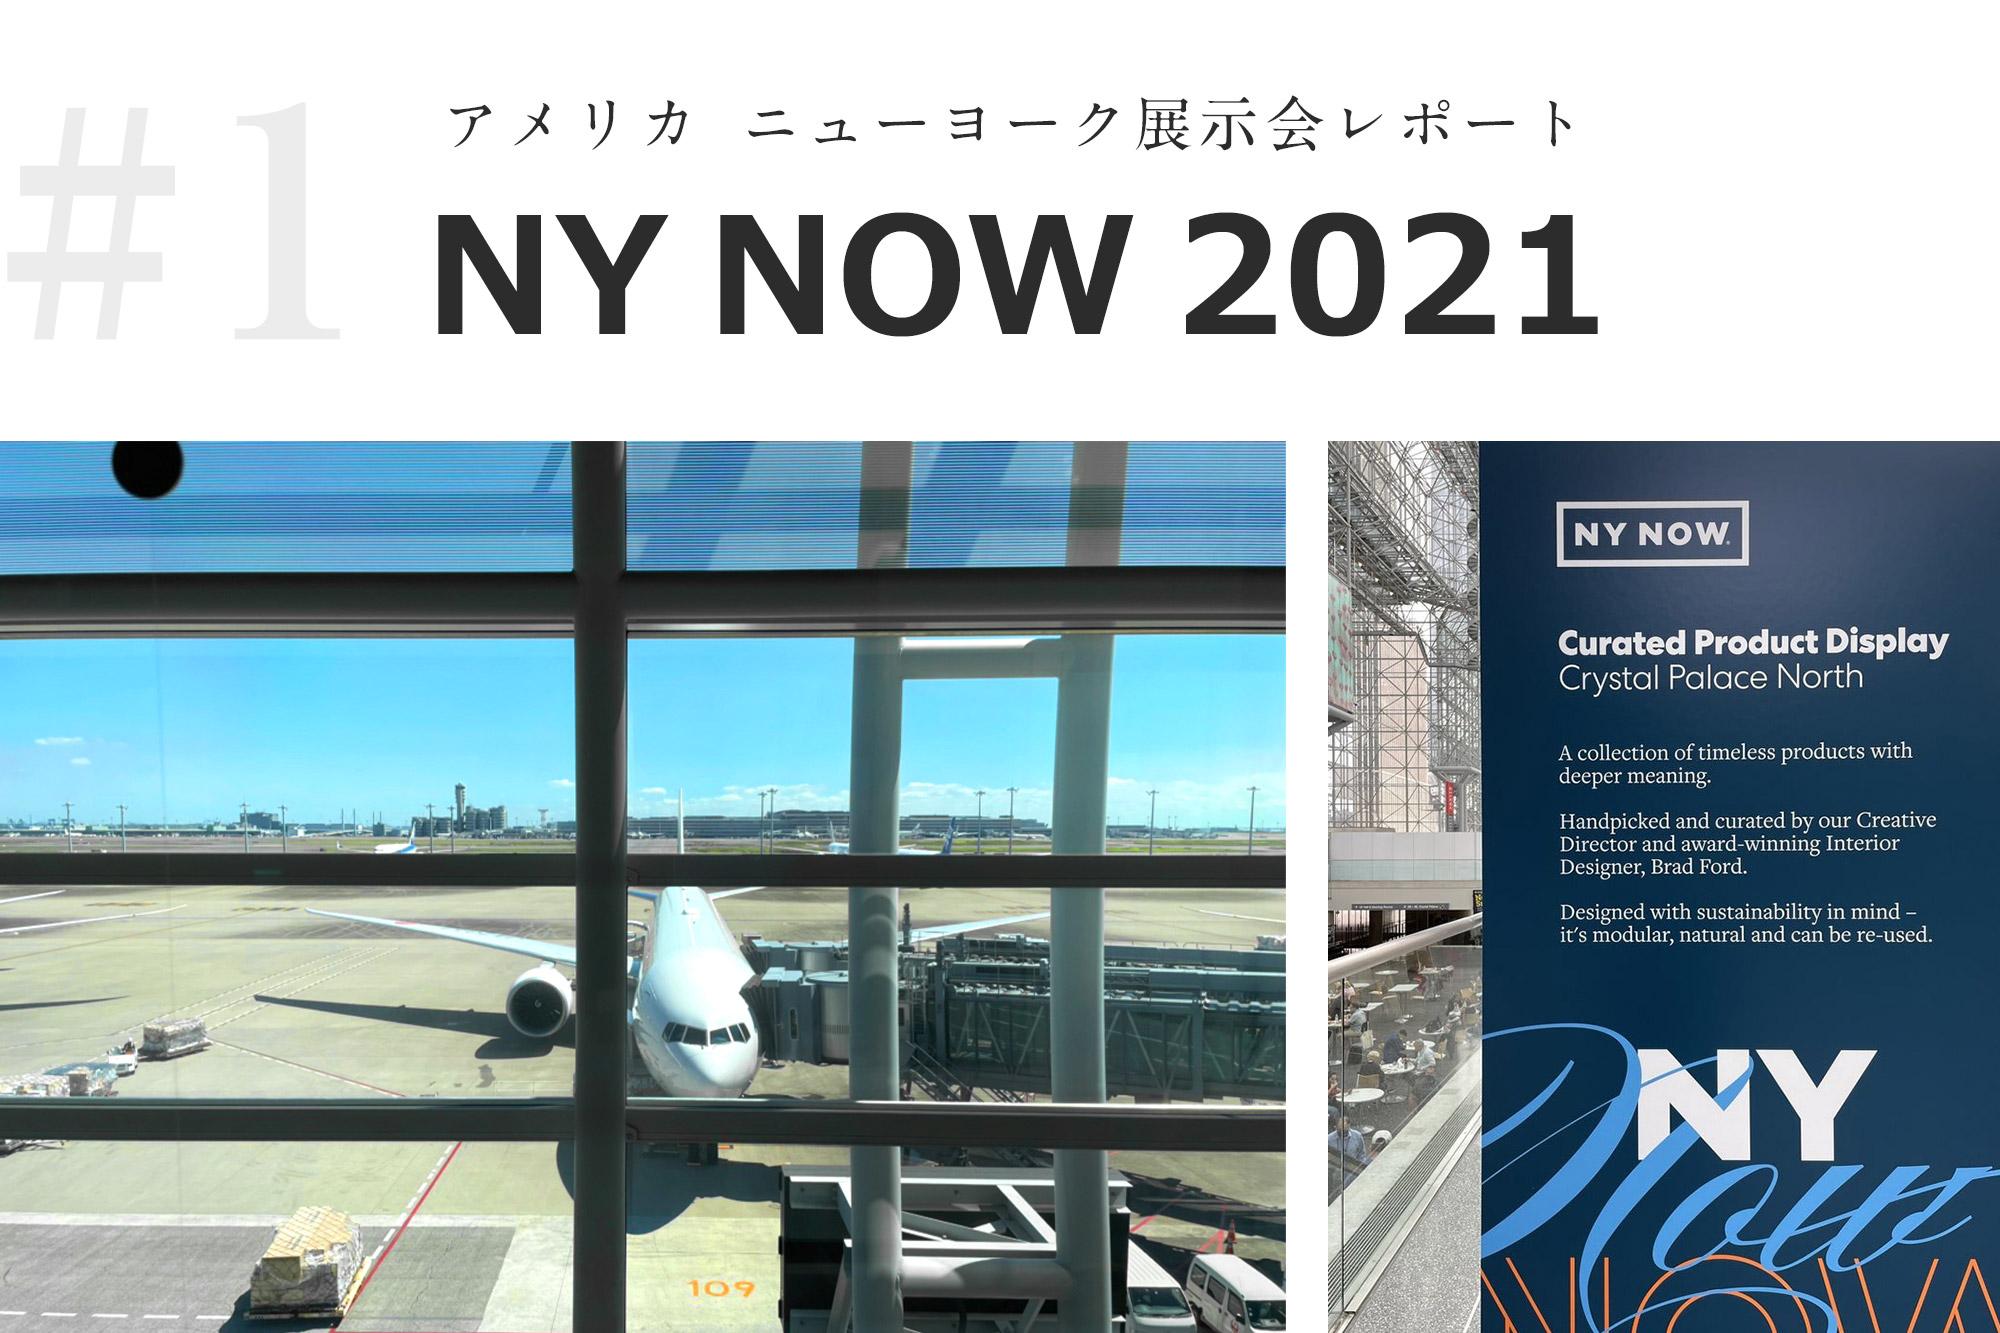 アメリカ ニューヨークでの展示会「NY NOW 2021」 レポート①